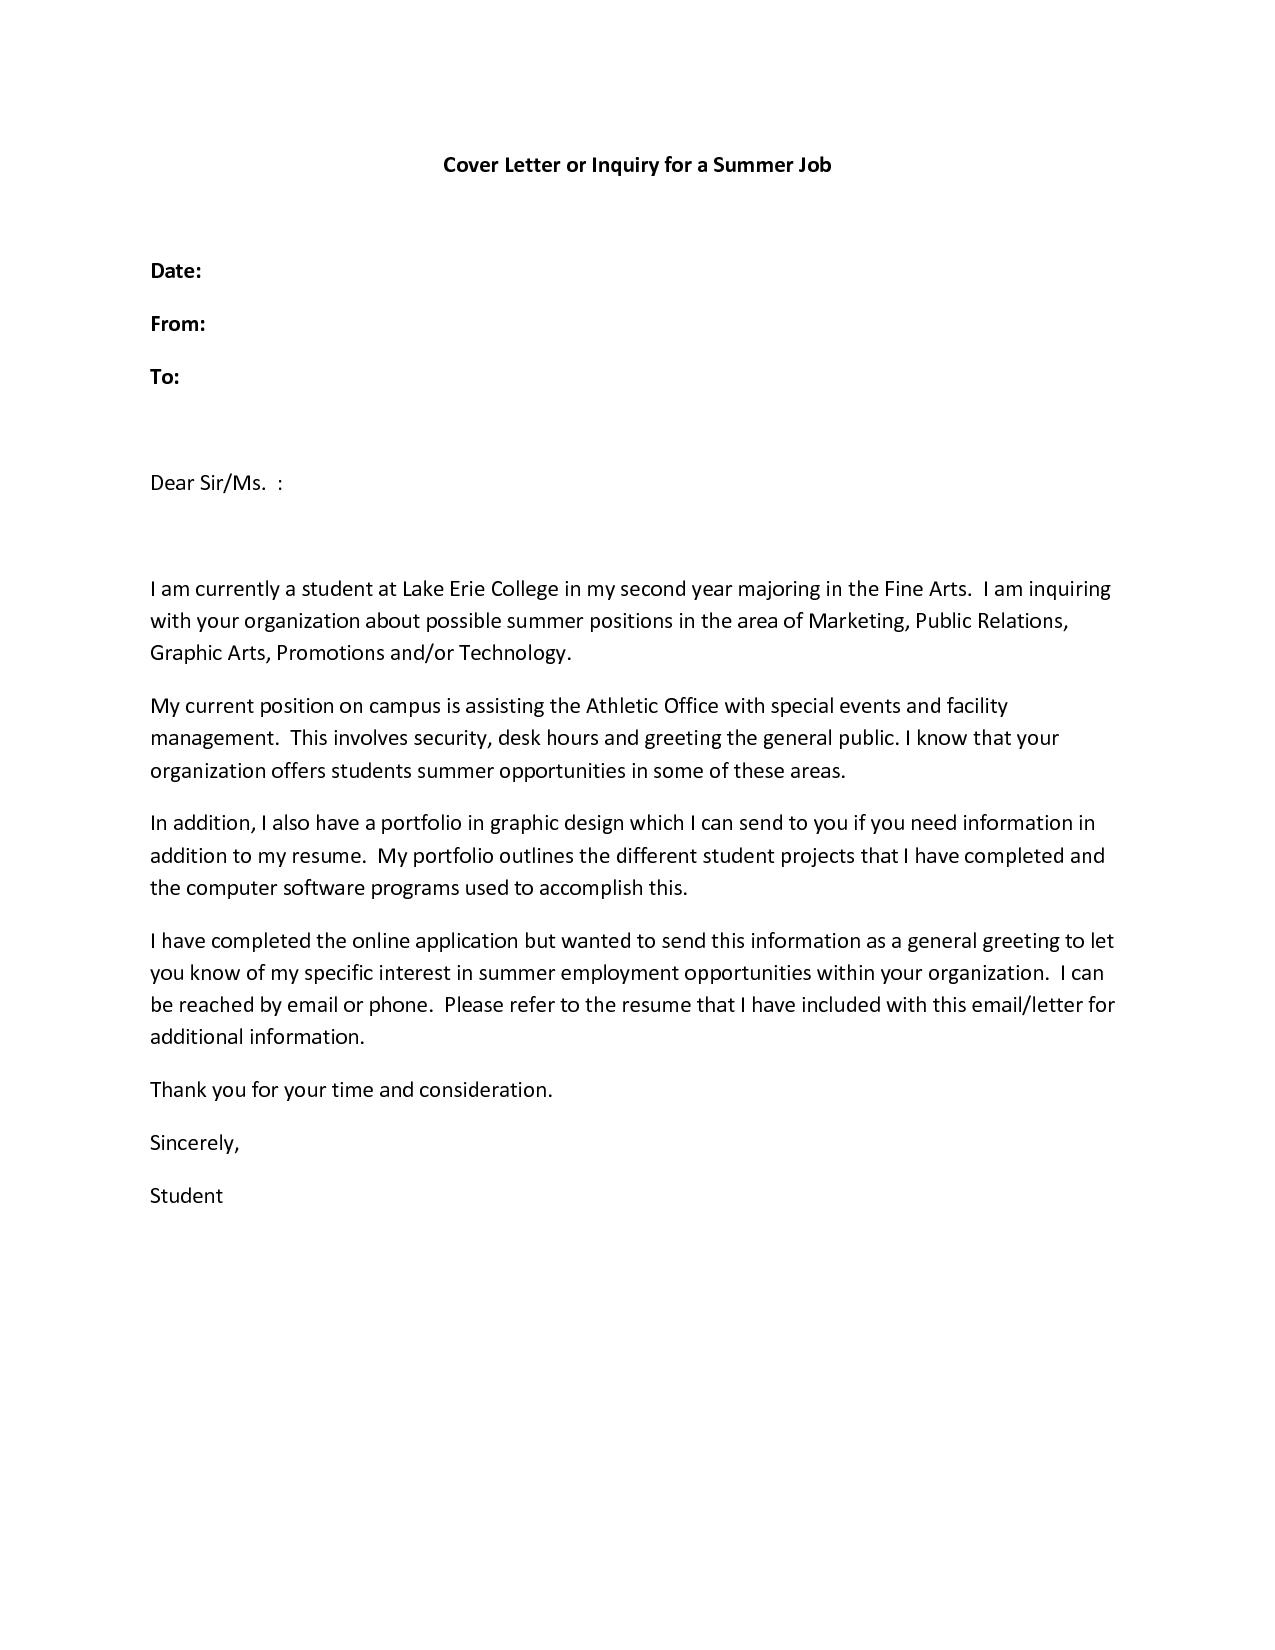 Resume Cover Letter Examples Summer Job Govt JobCover Letter